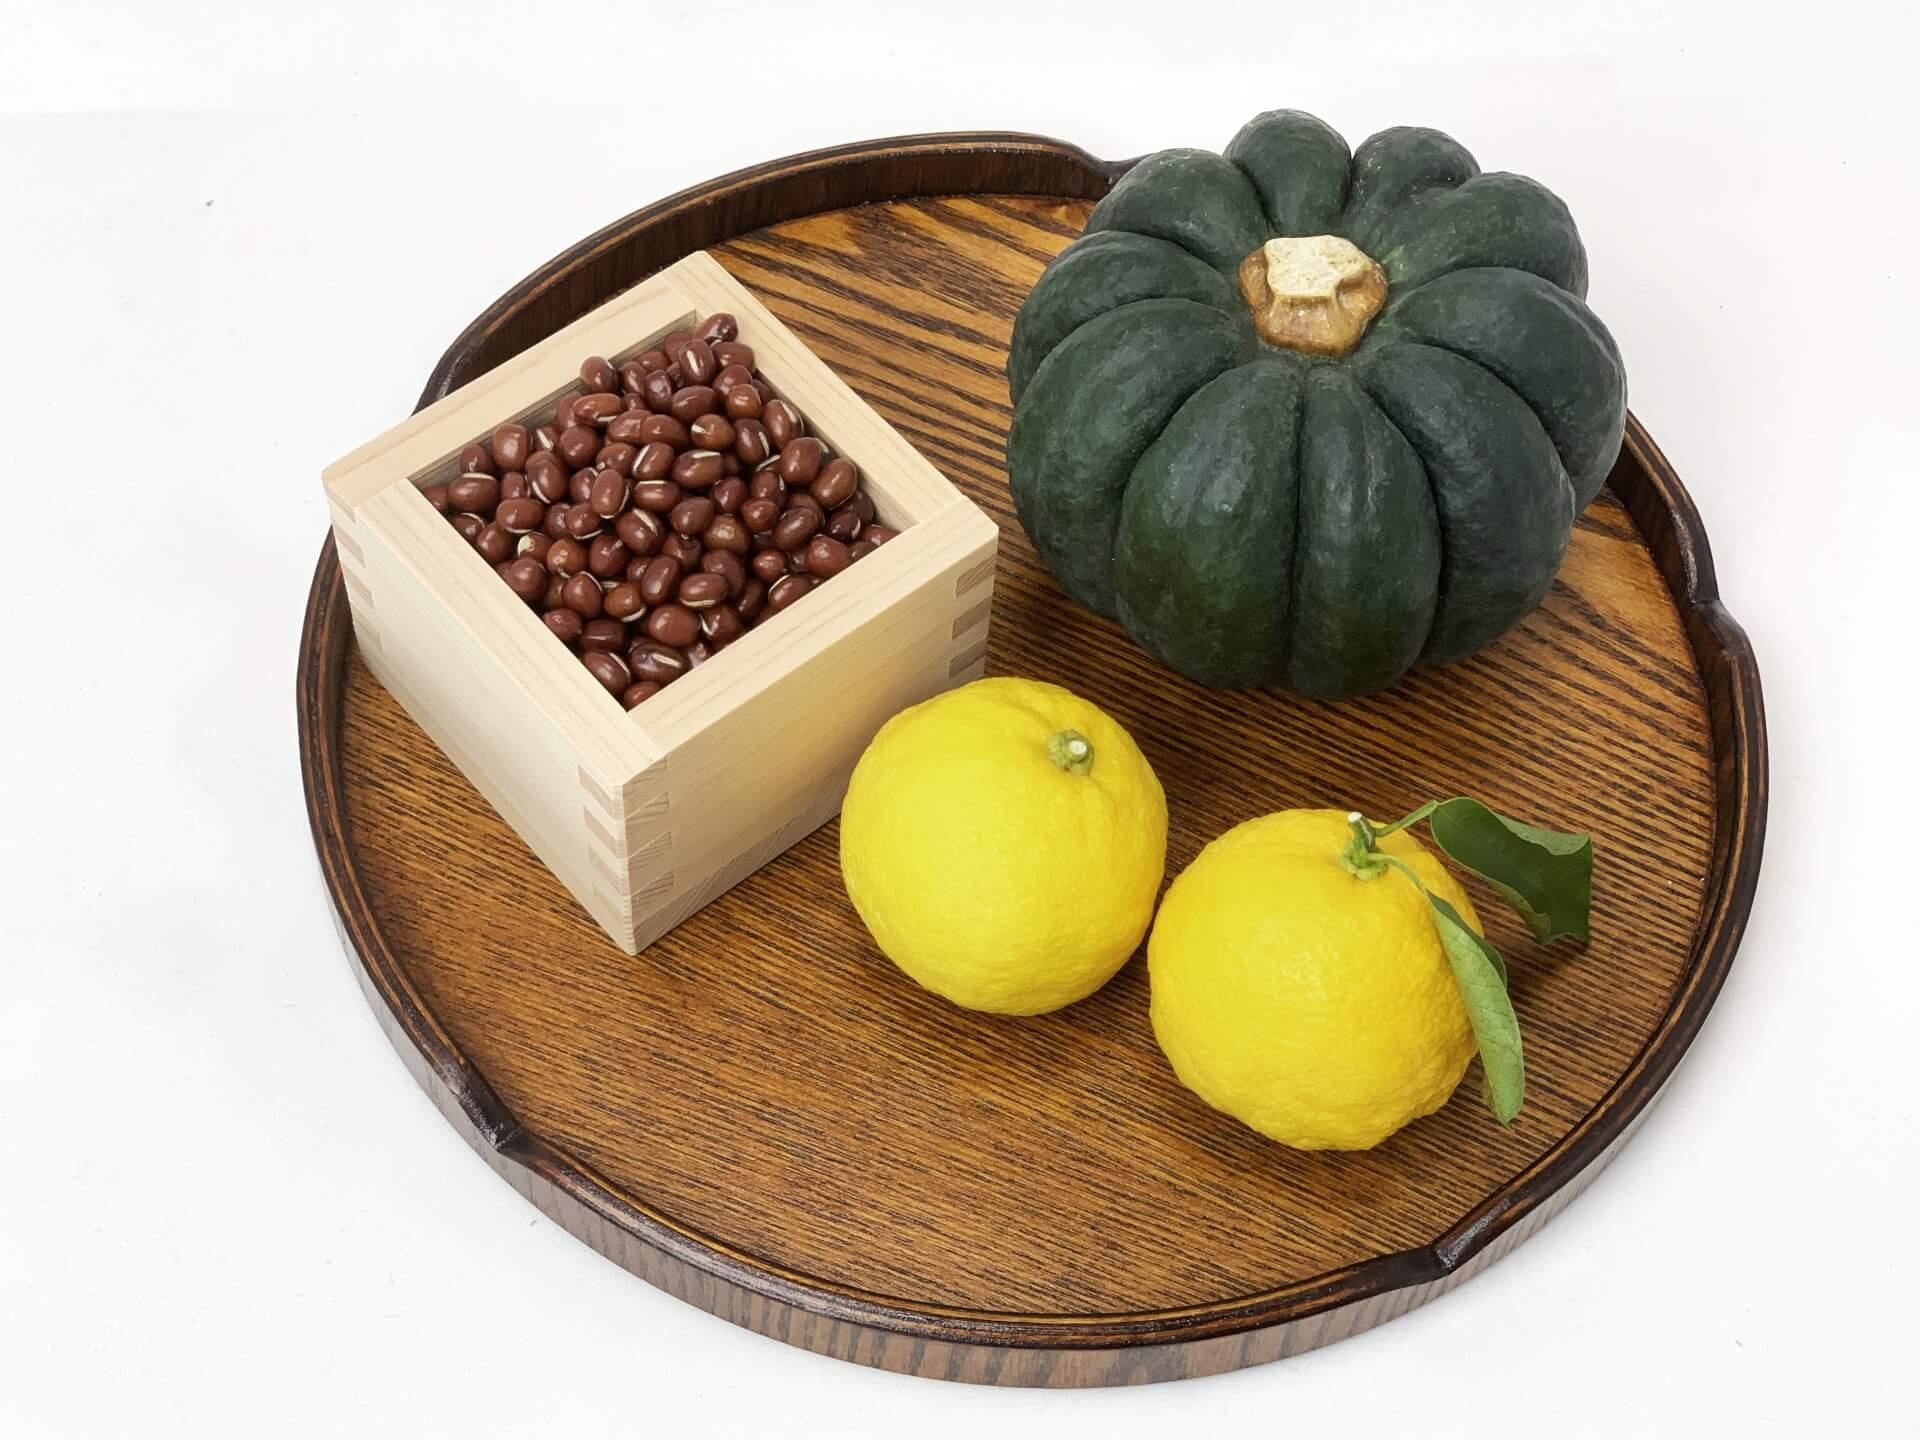 冬至にかぼちゃを食べるのはなぜ?理由は?小豆やゆず湯についても!